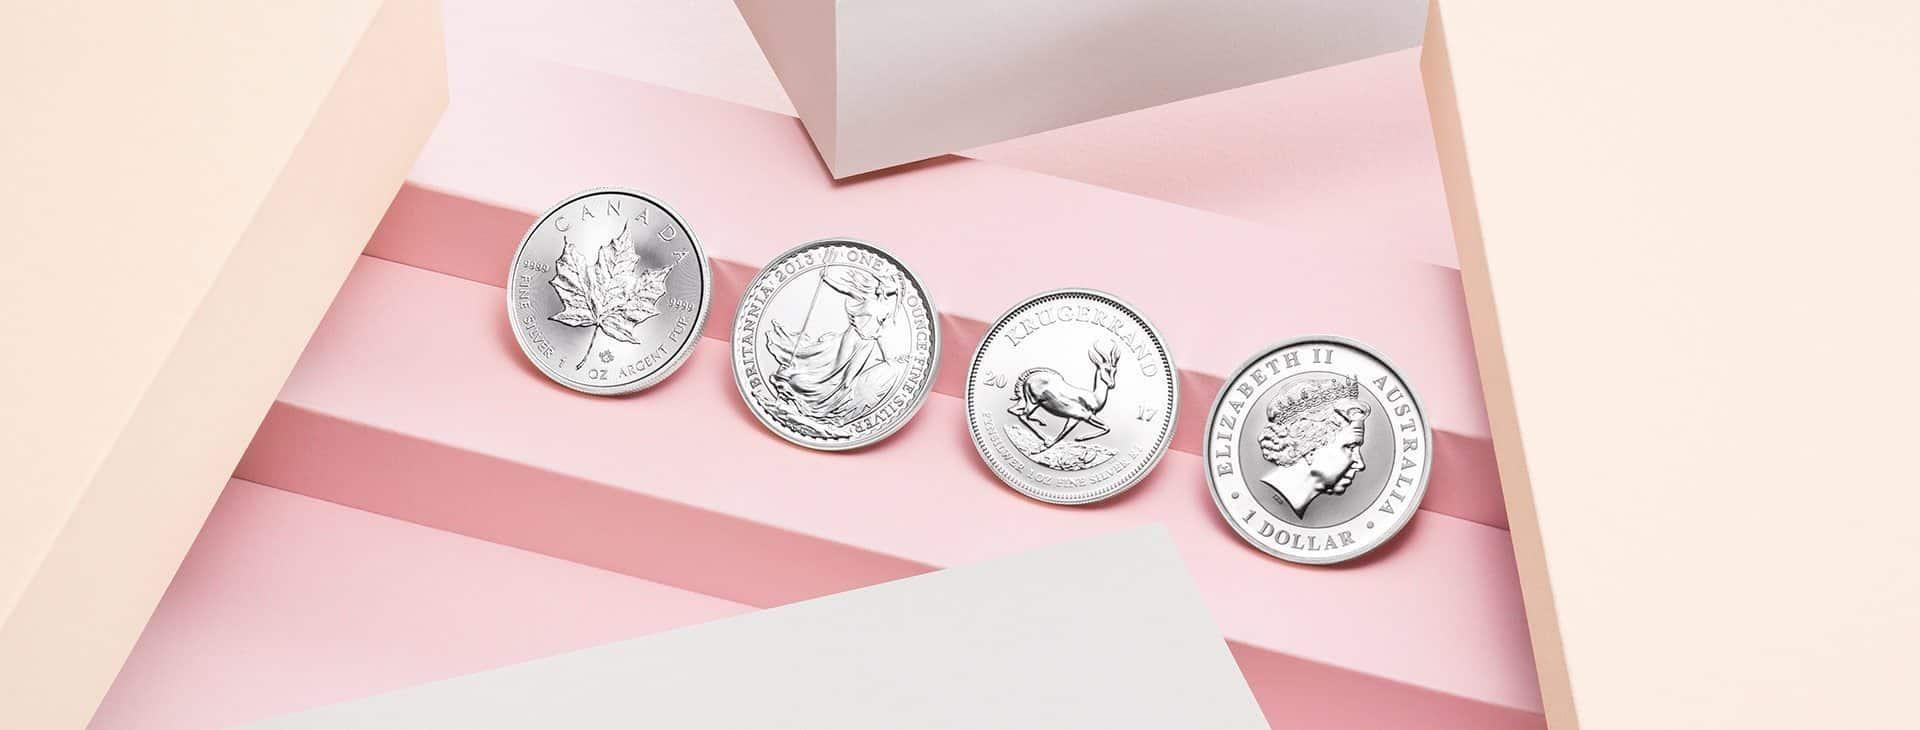 Australian Kangaroo Silbermünzen kaufen